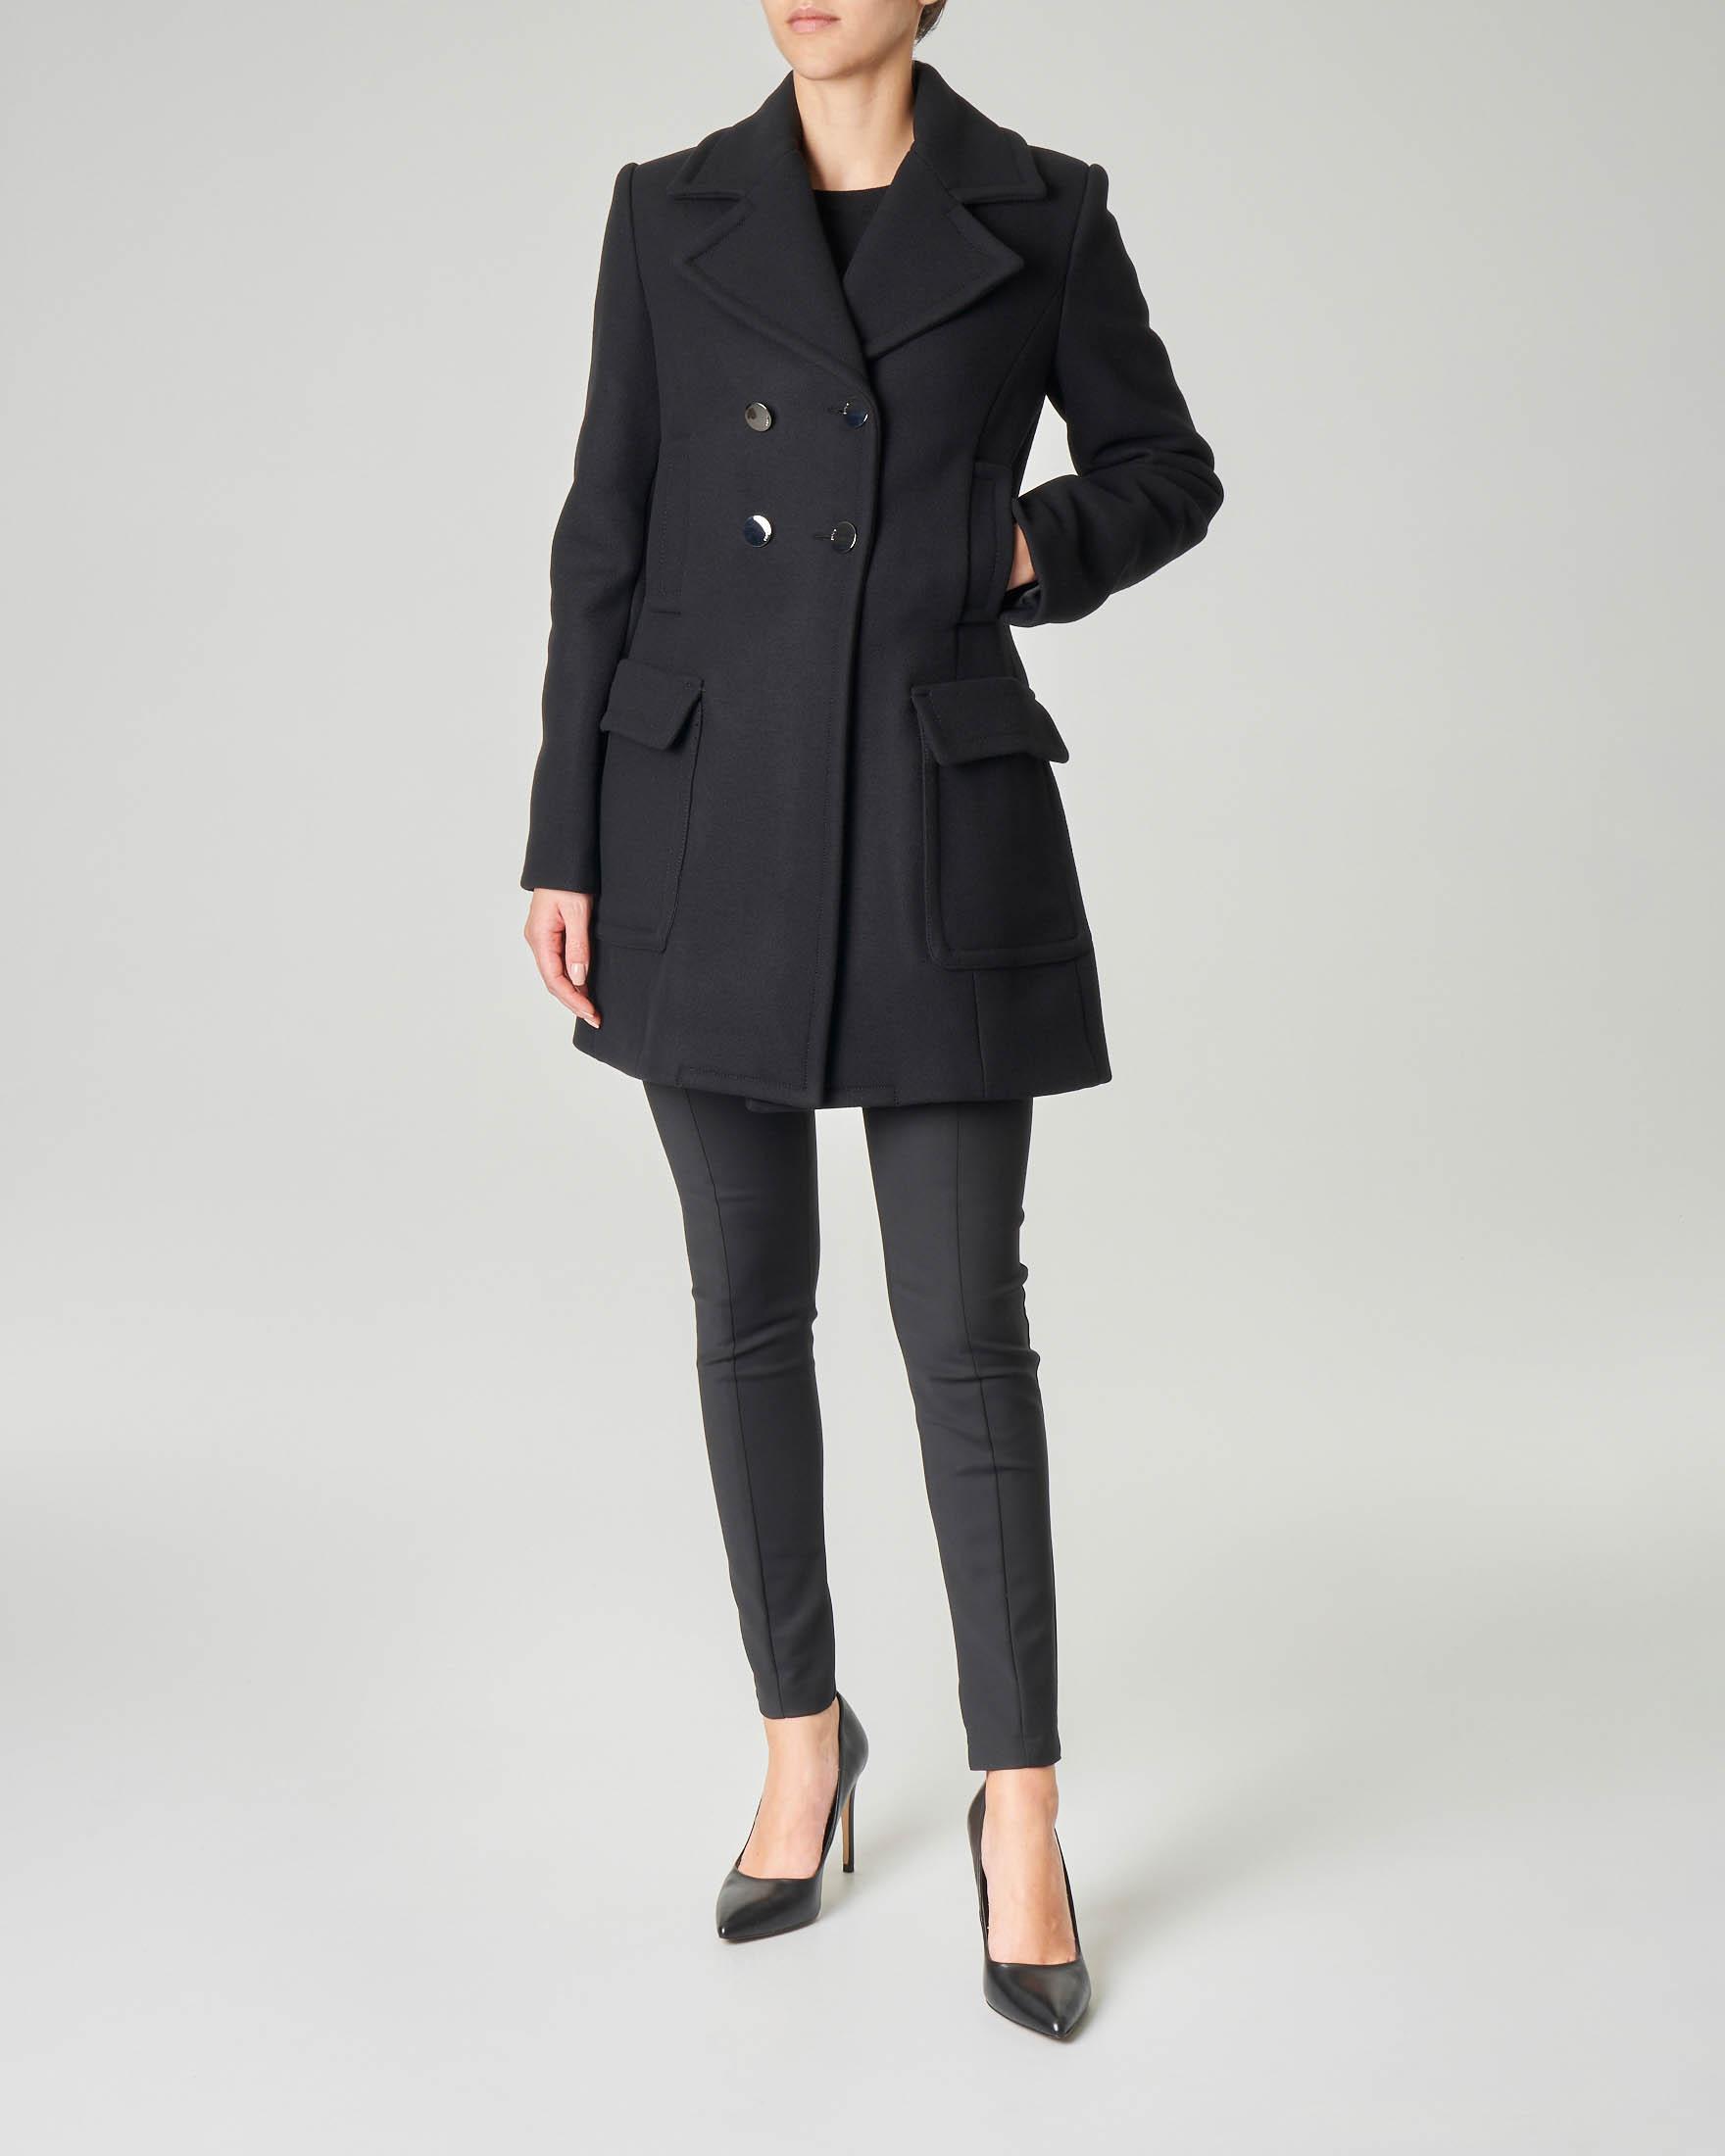 Cappotto nero in panno di lana modello peacot con bottoni a specchio